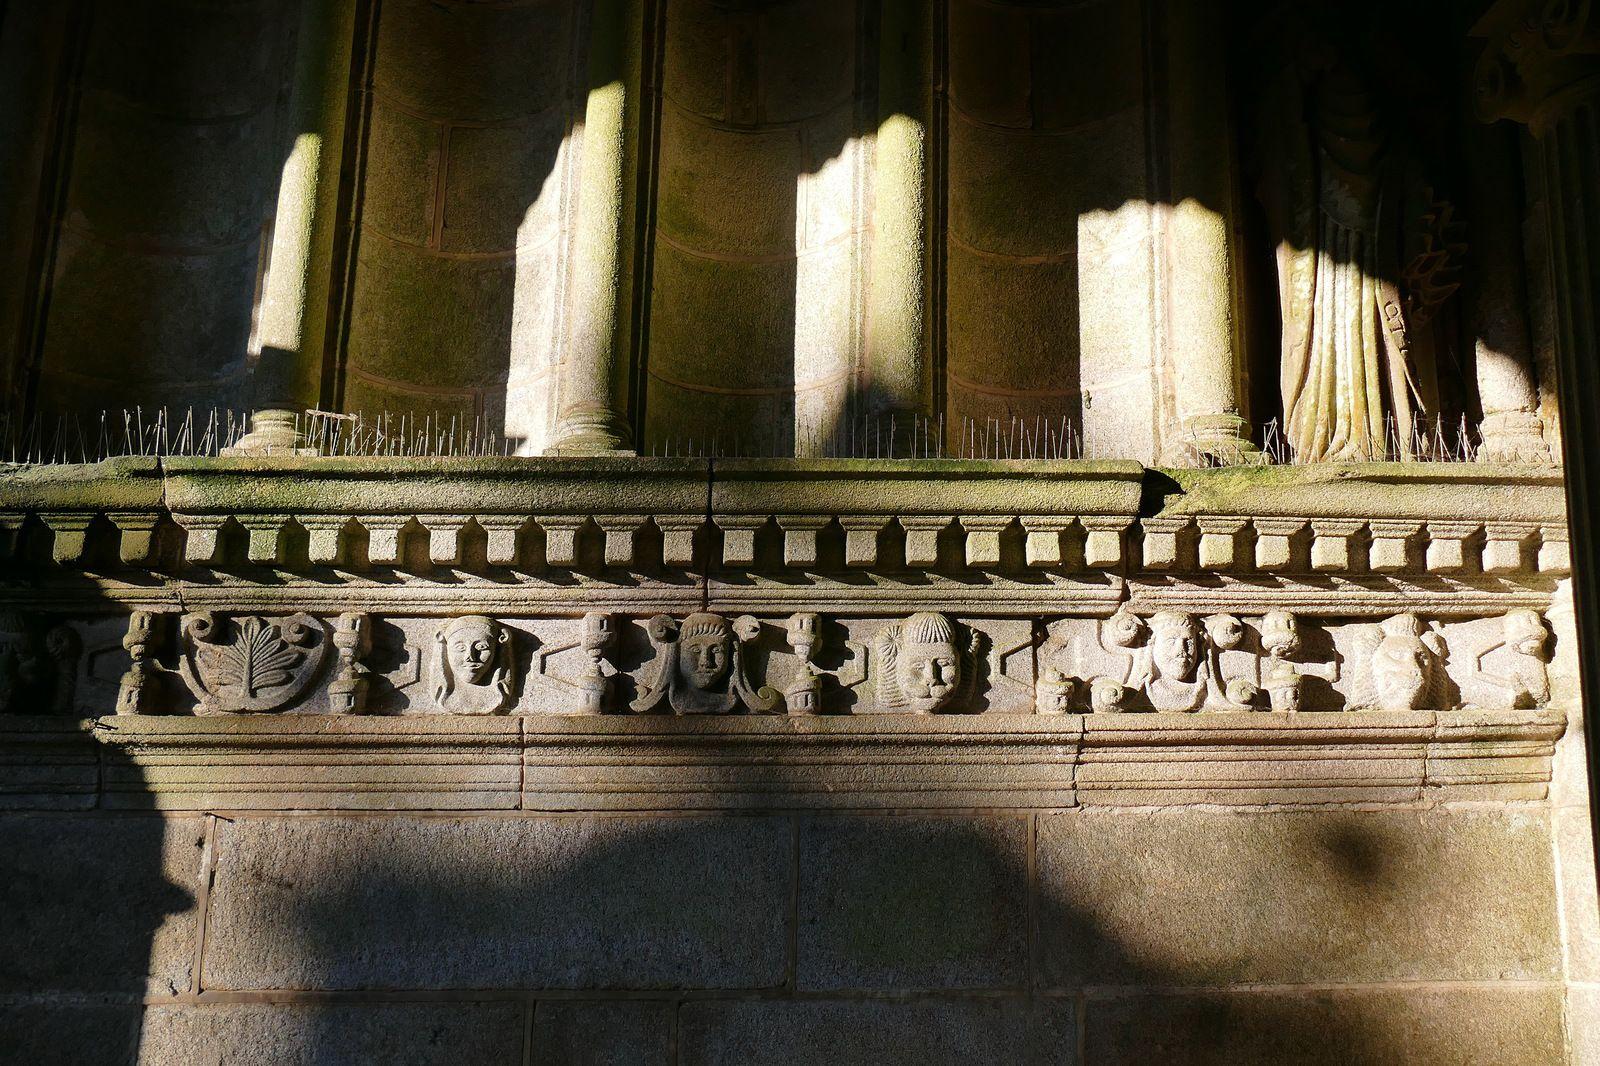 Frise (granite, 1599) de l' intérieur du clocher-porche (1599)  de l'église de Saint-Thégonnec. Photographie lavieb-aile.